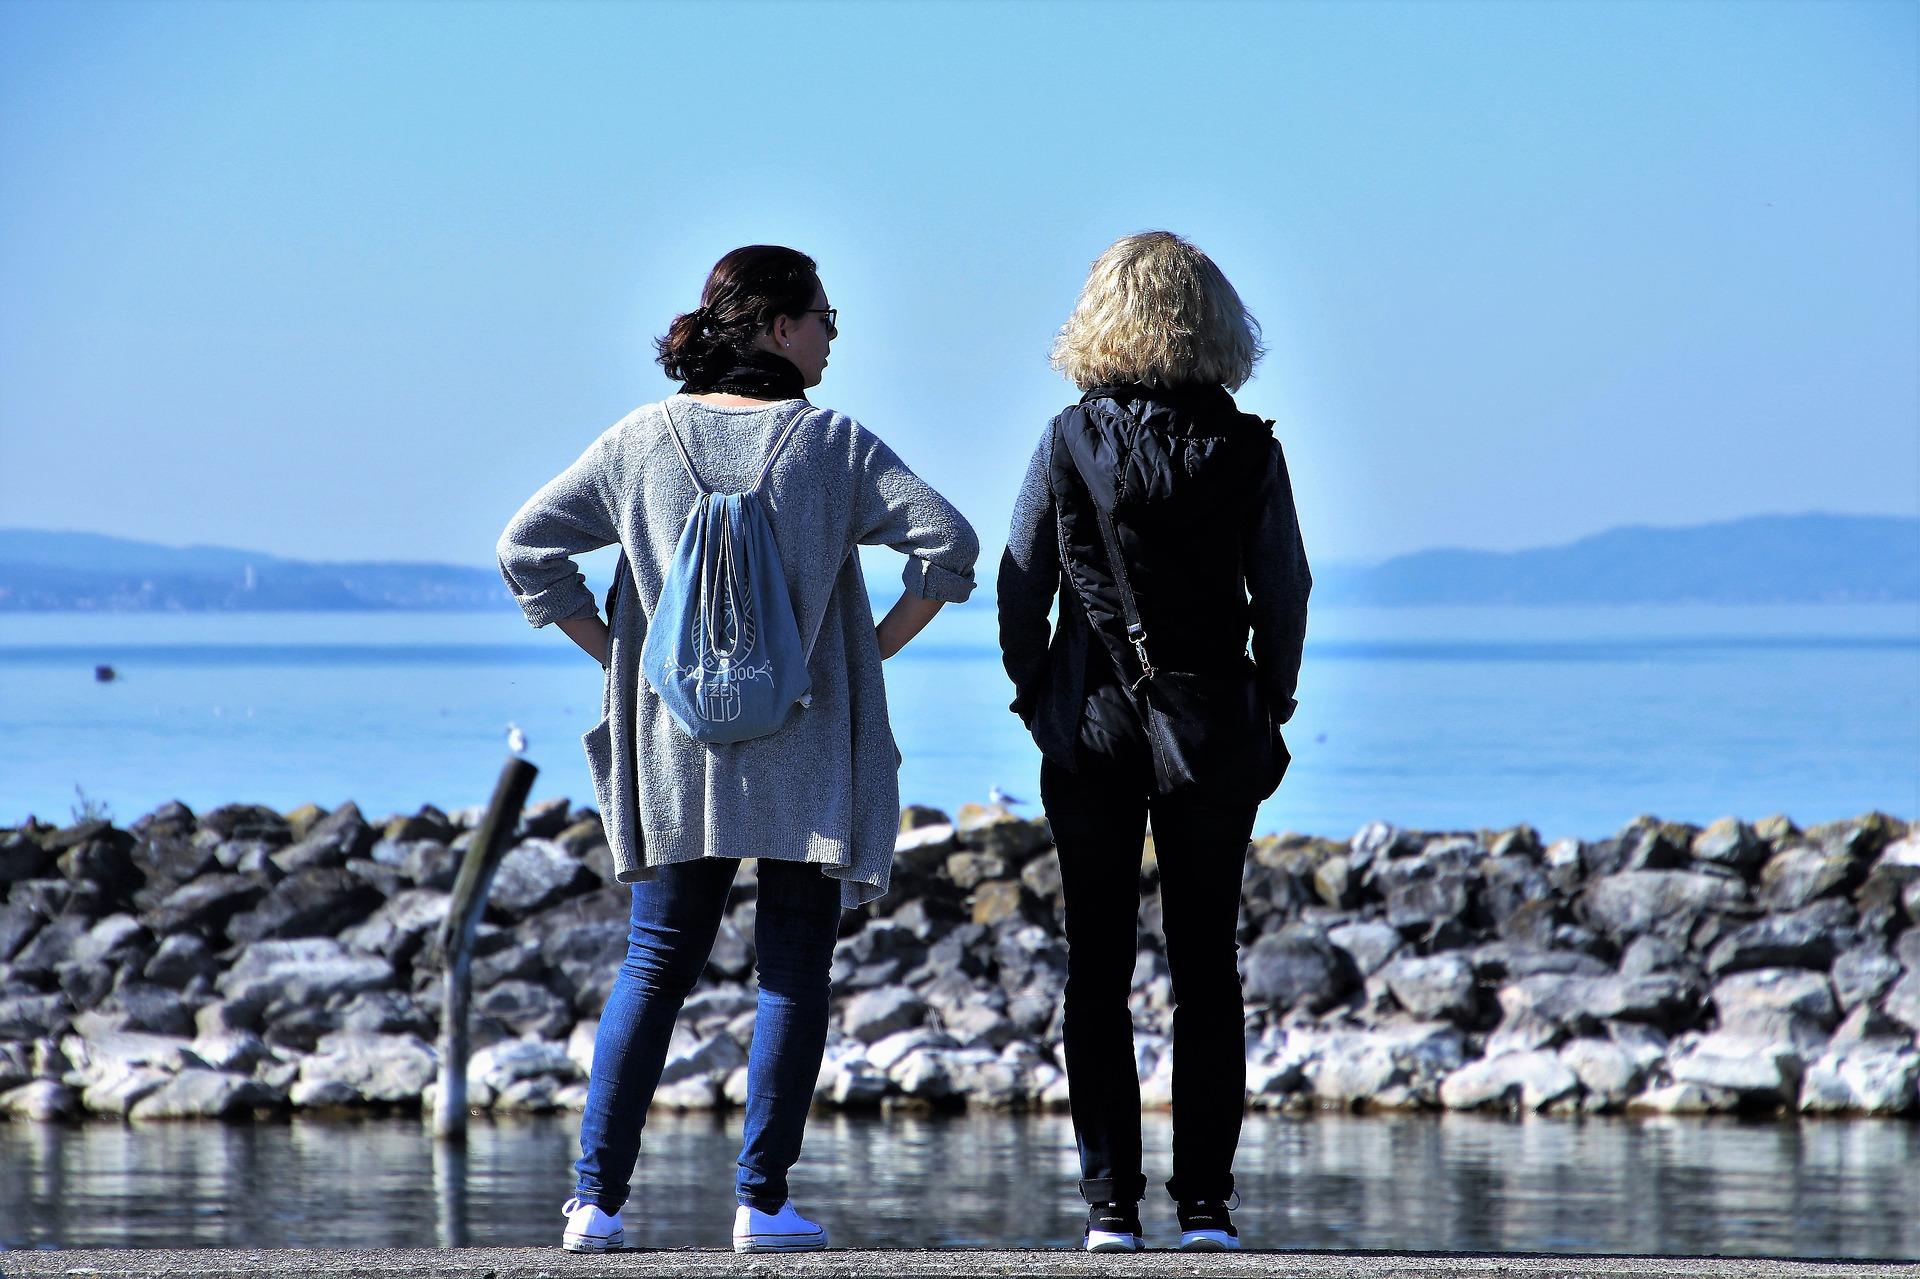 Sintomas da menopausa interferem na vida profissional de quase 1/4 das mulheres